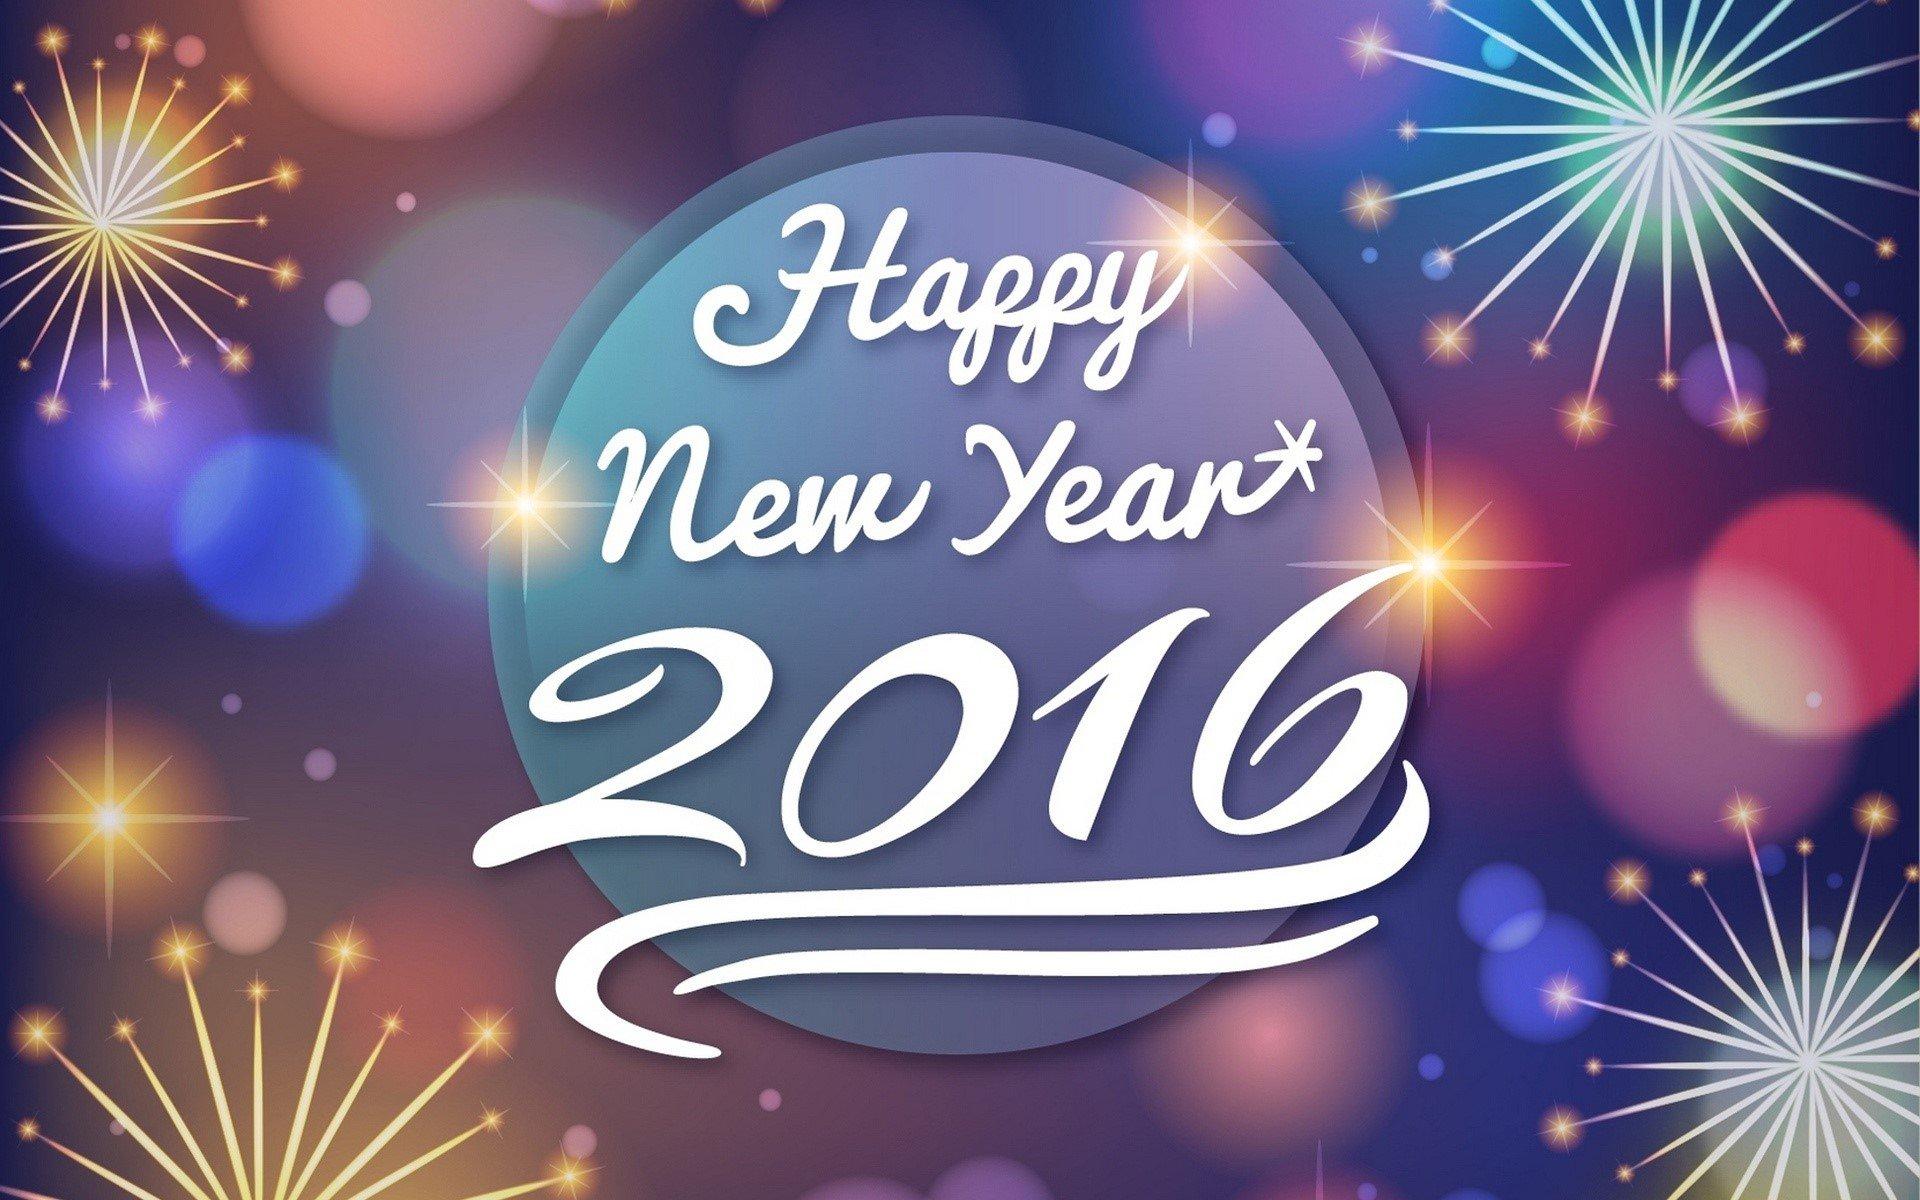 Fondos de pantalla ¡Feliz año nuevo!